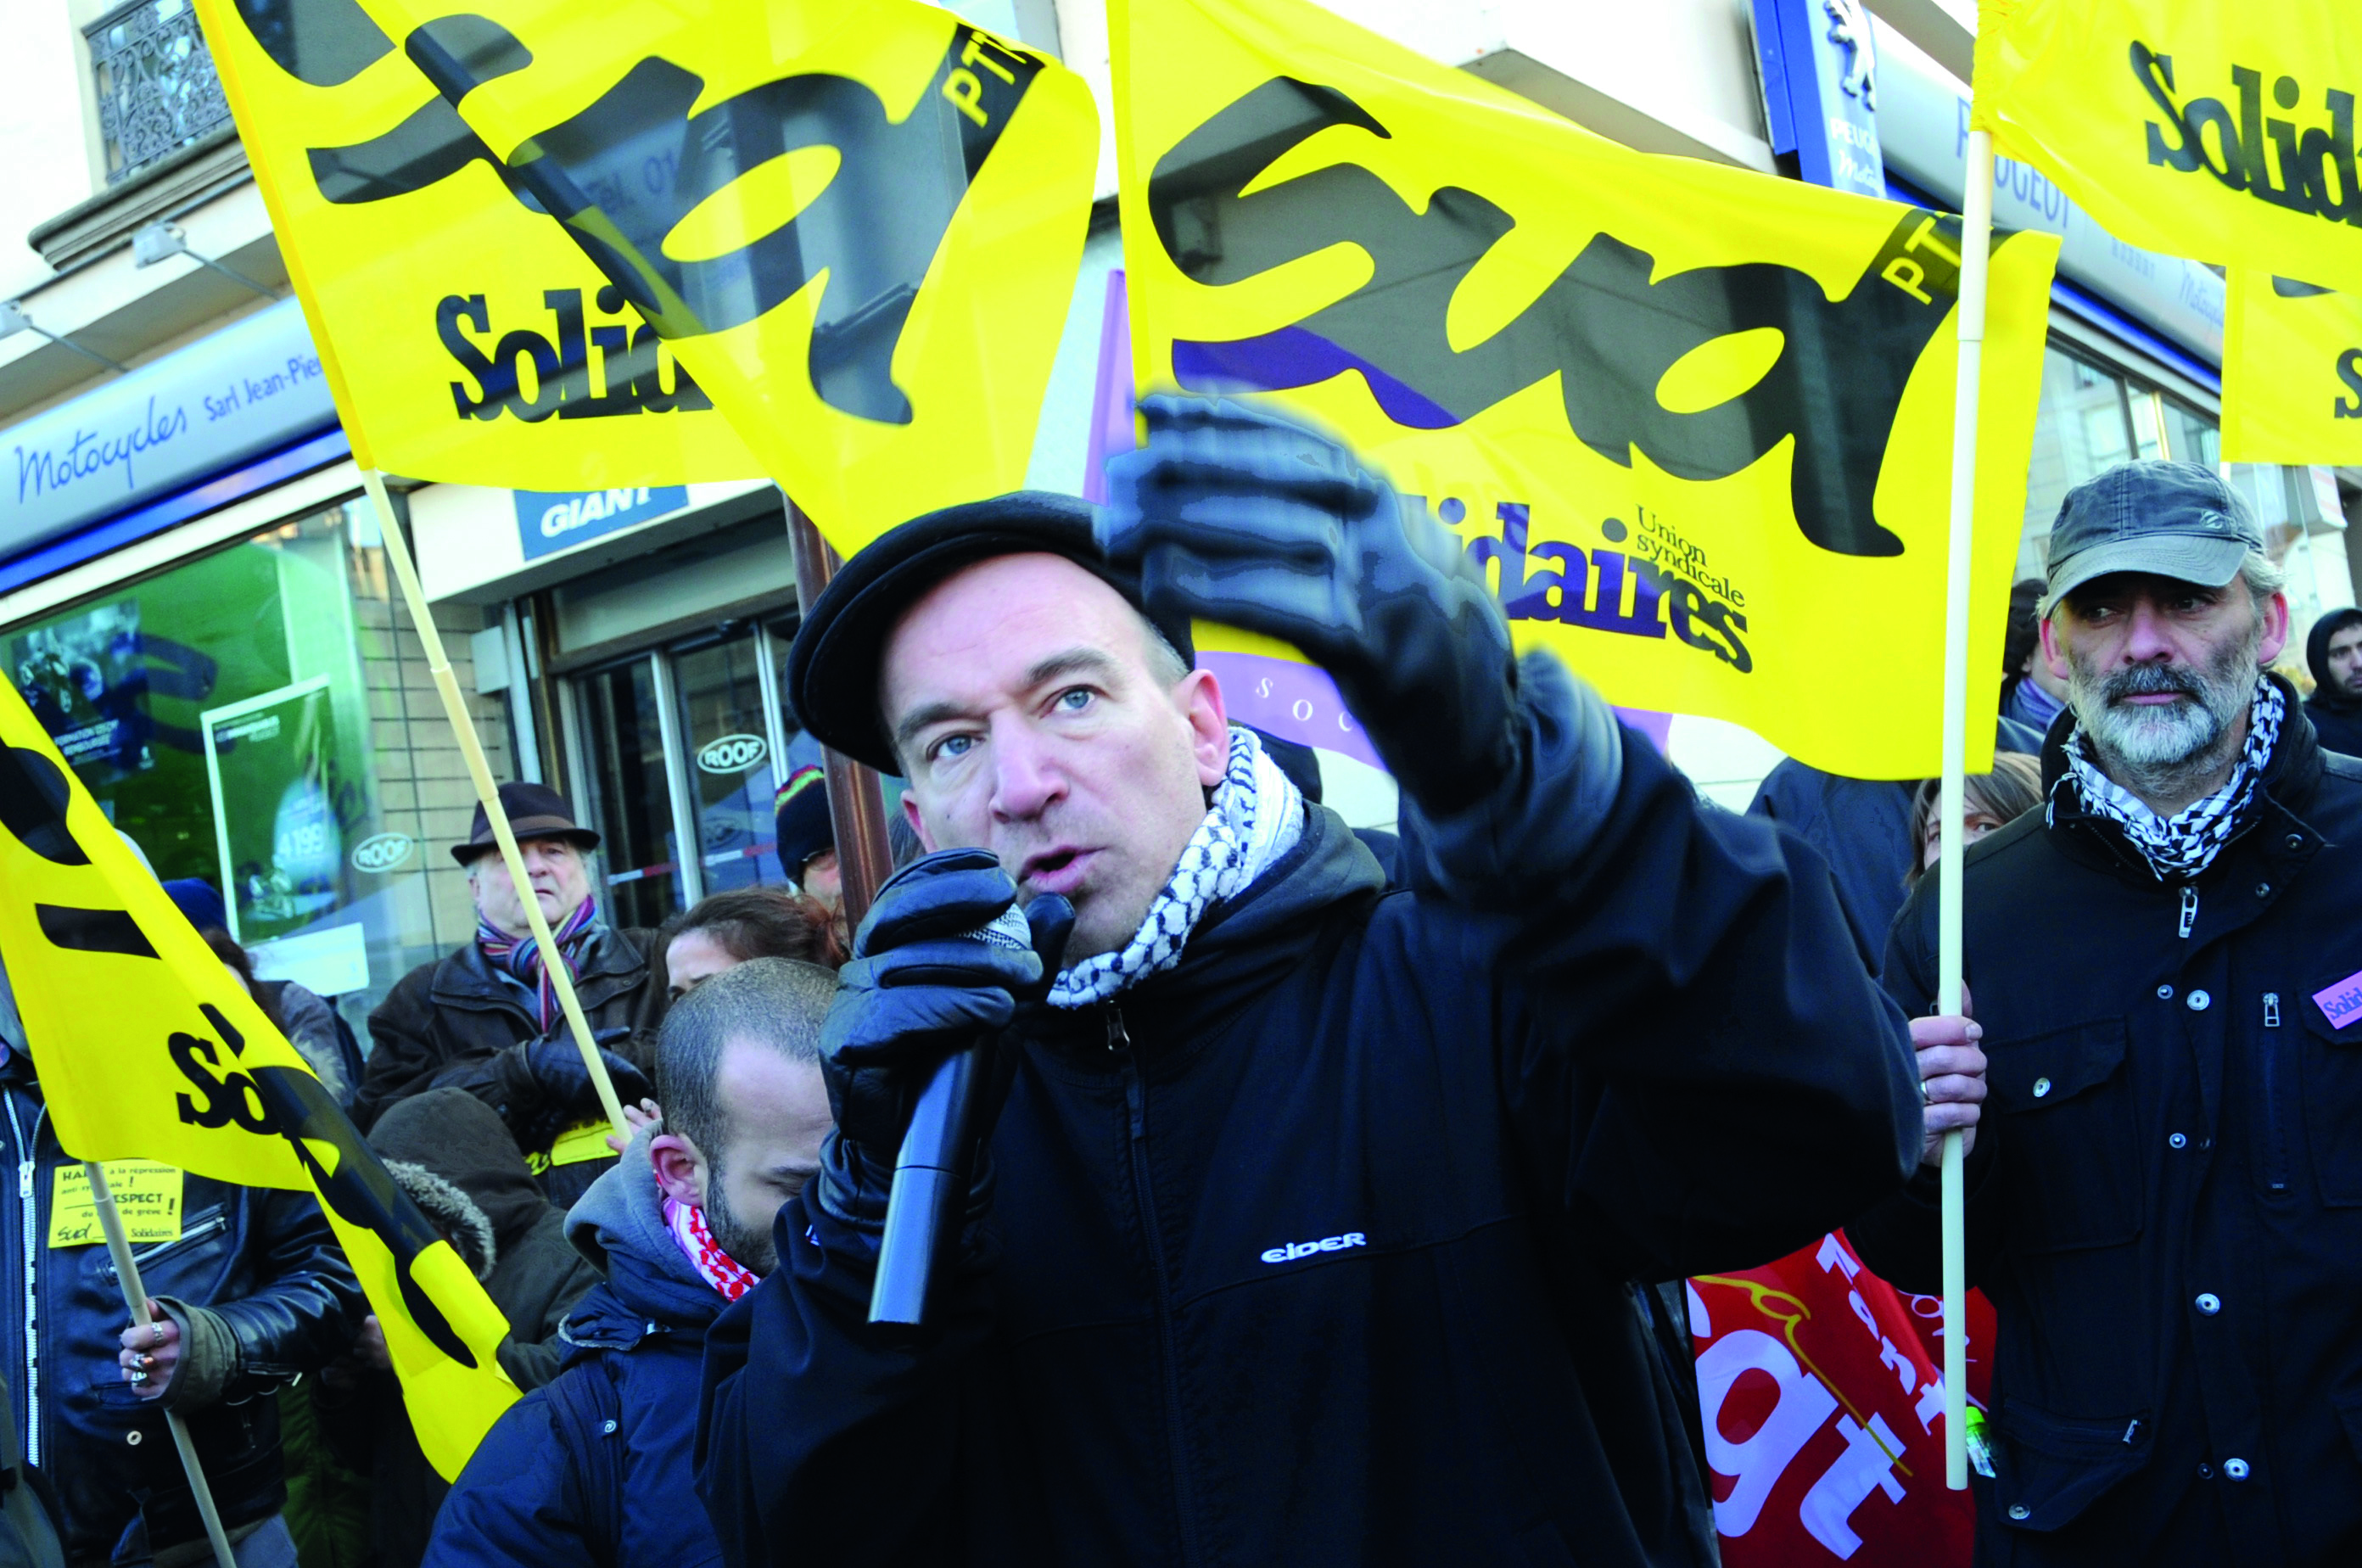 Après la révocation de Yann Le Merrer, construire un mouvement national contre la répression